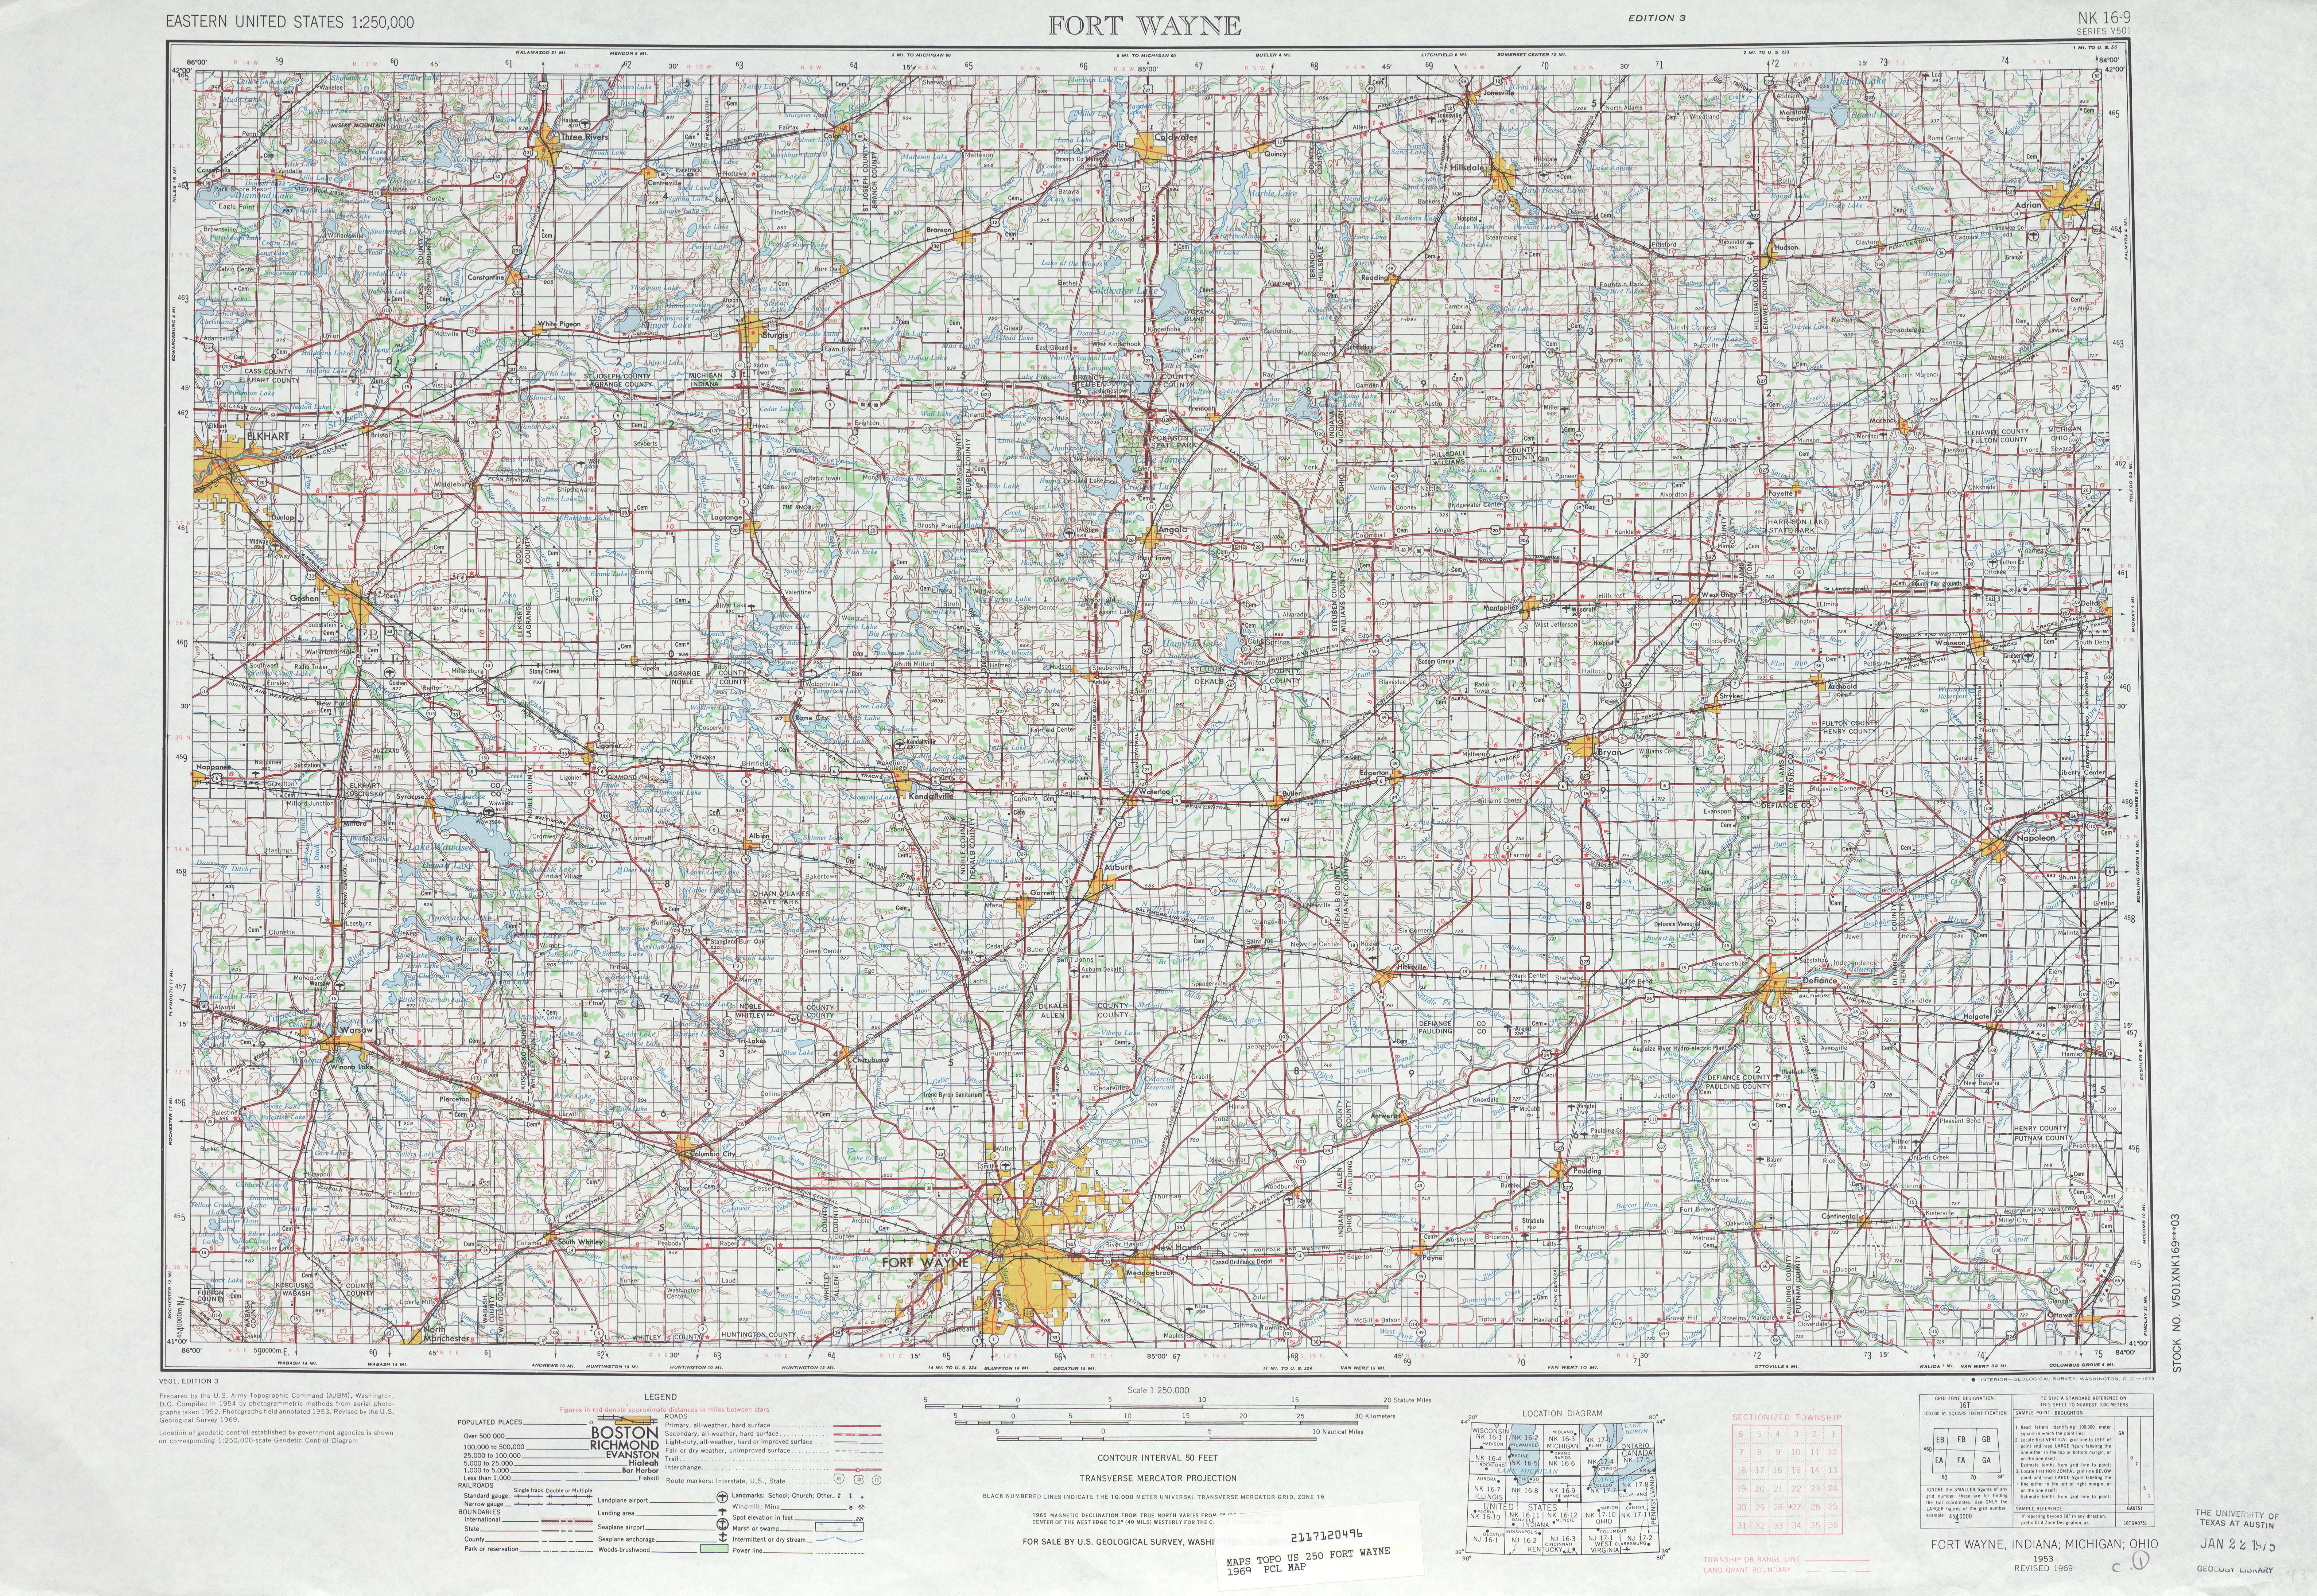 Hoja Fort Wayne del Mapa Topográfico de los Estados Unidos 1969